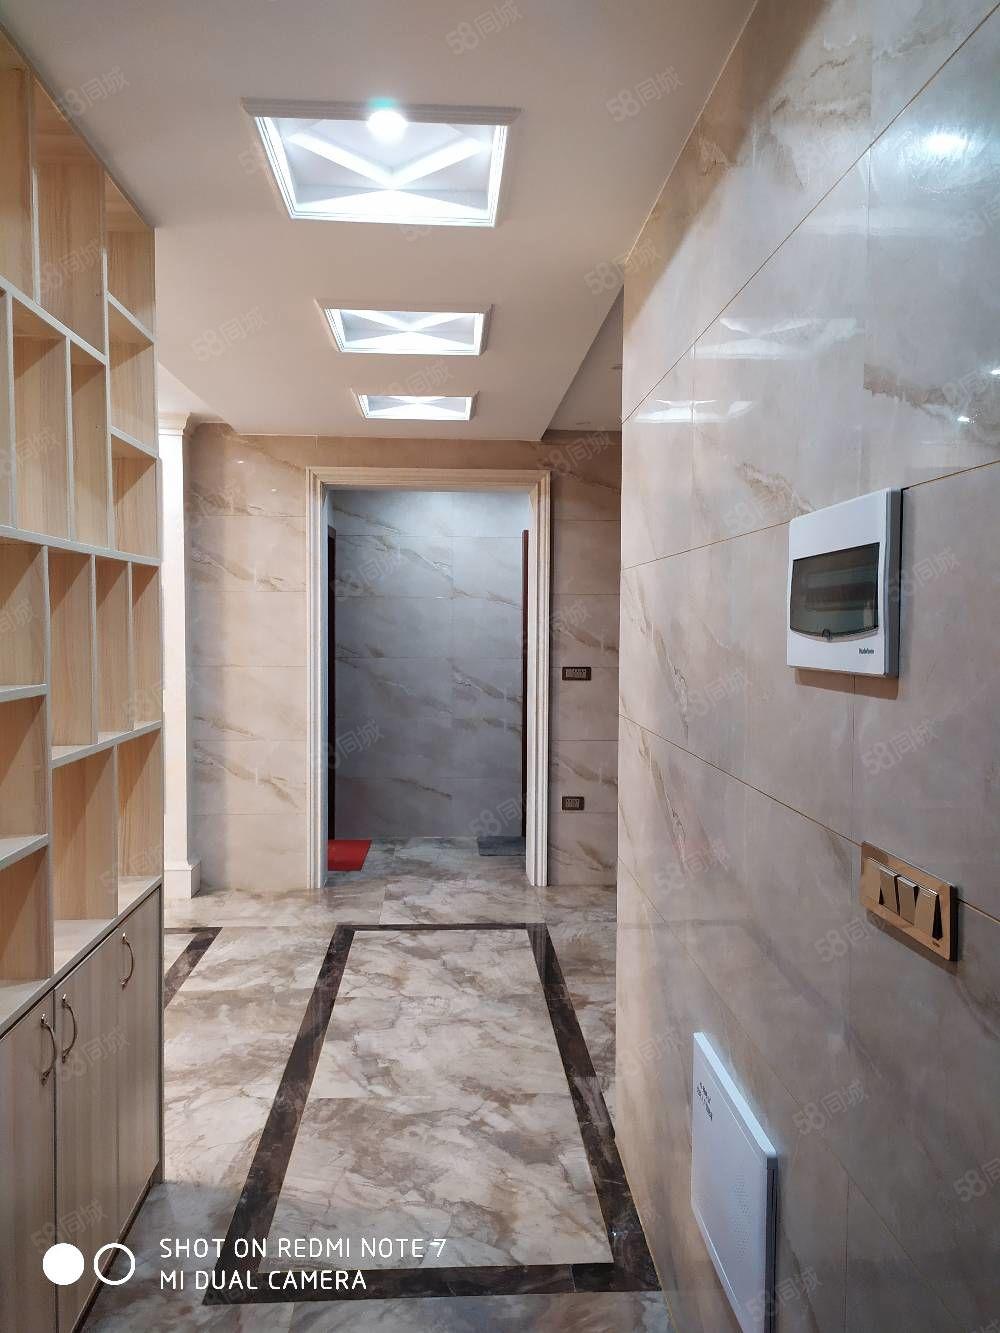 吴楚花都电梯精装修电梯房豪华装修急售房子很新房东没住几天便宜